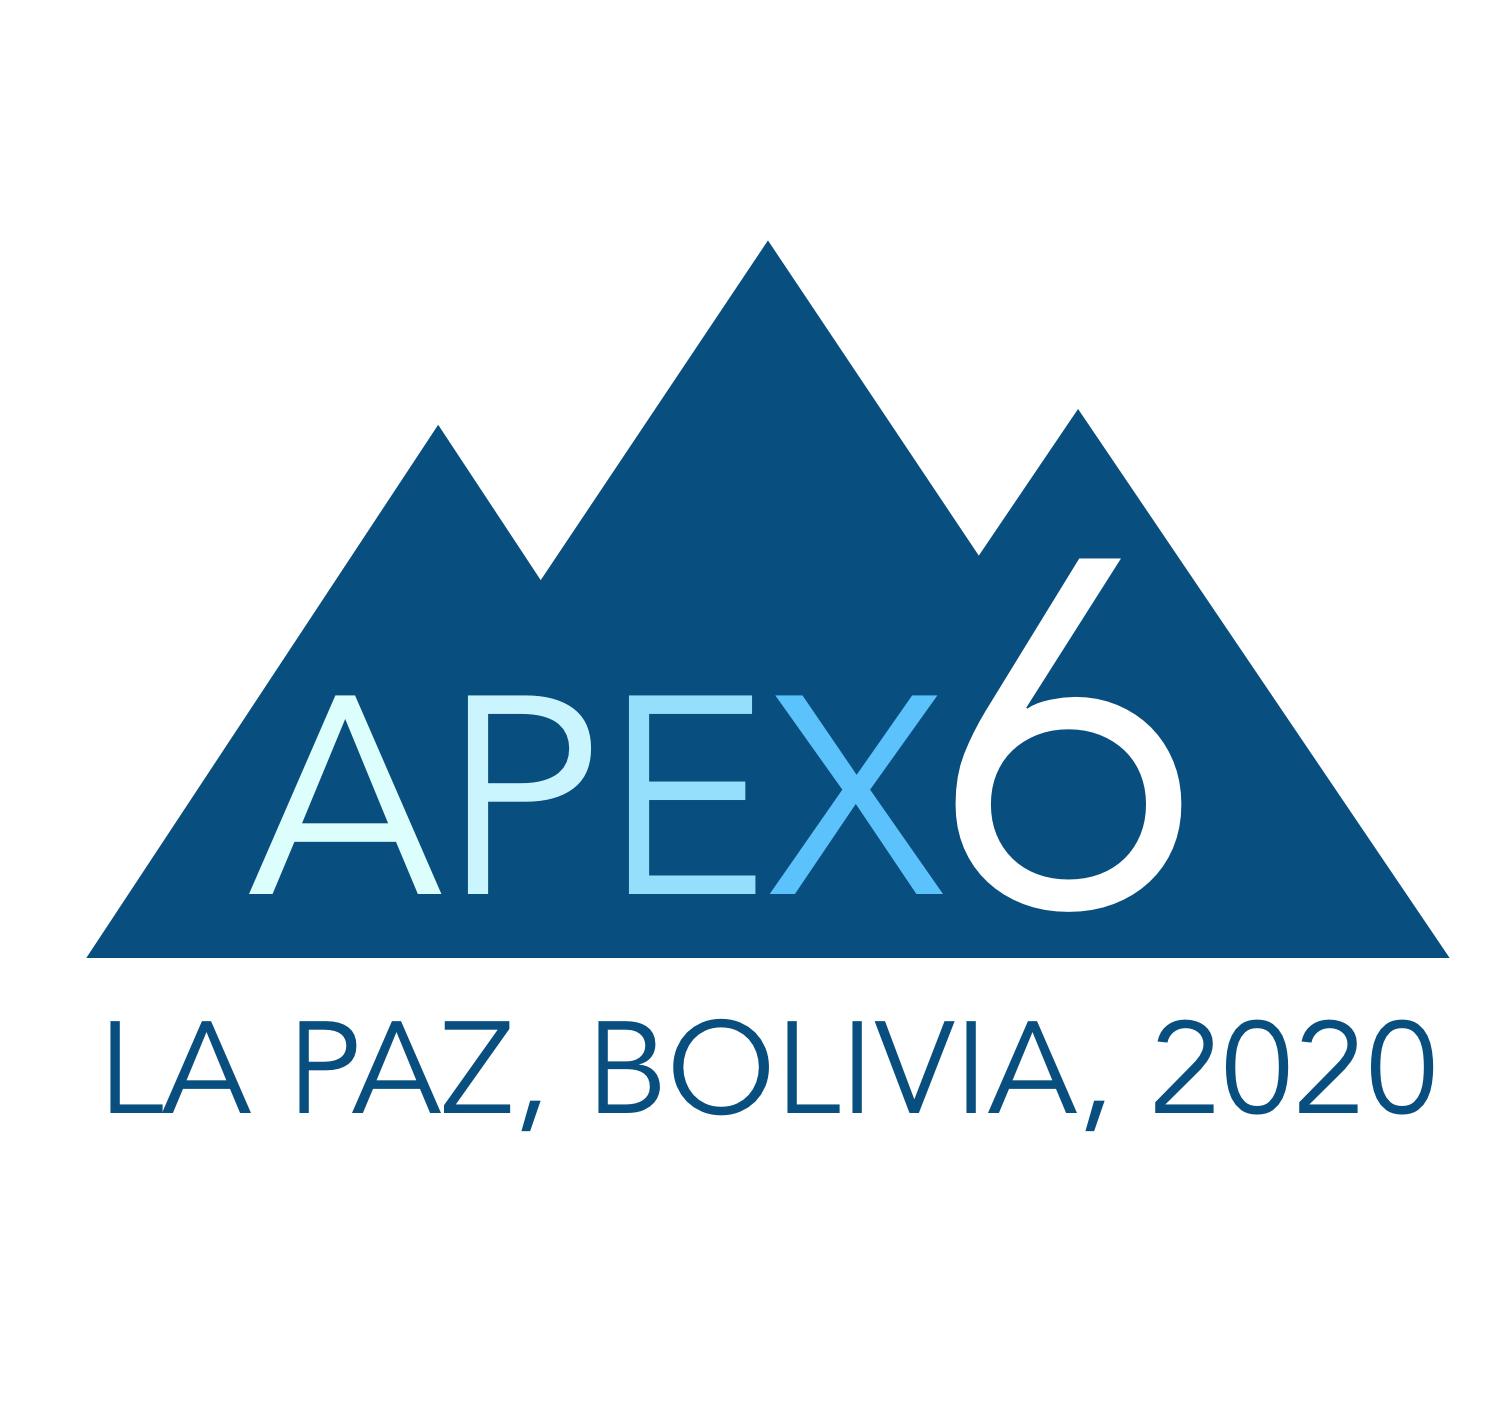 APEX 6